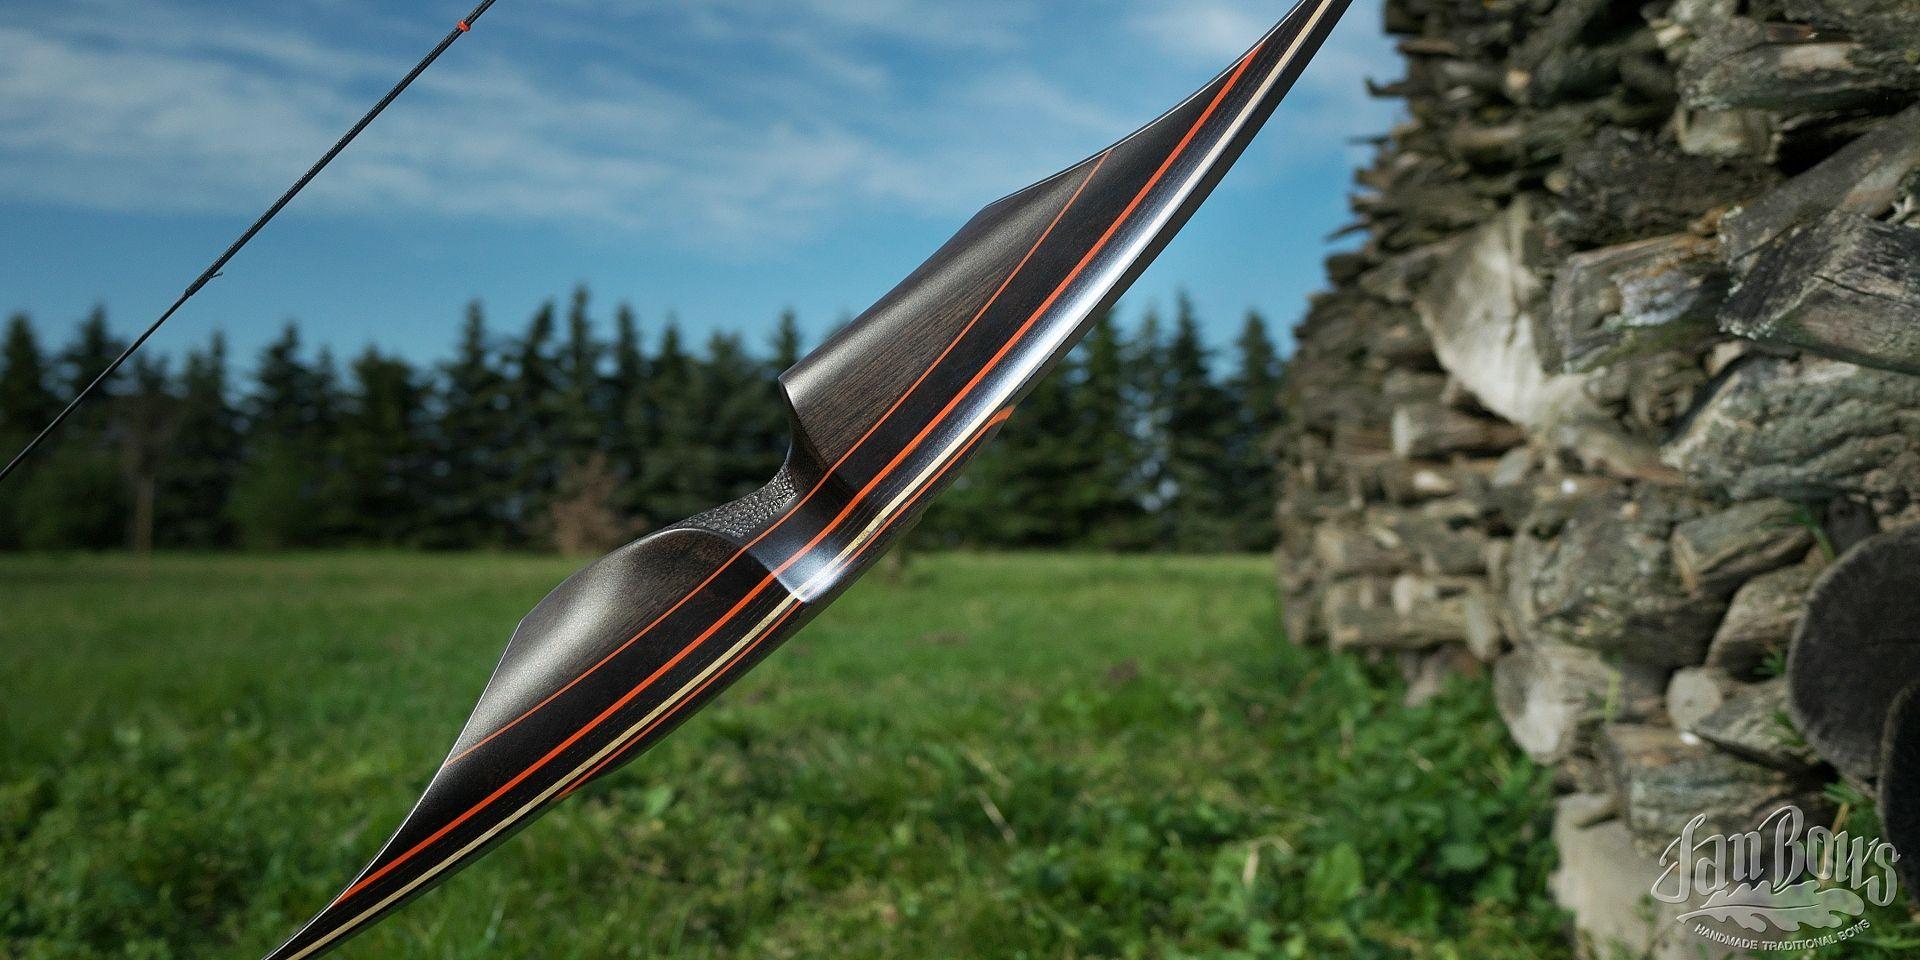 JanBows Archery